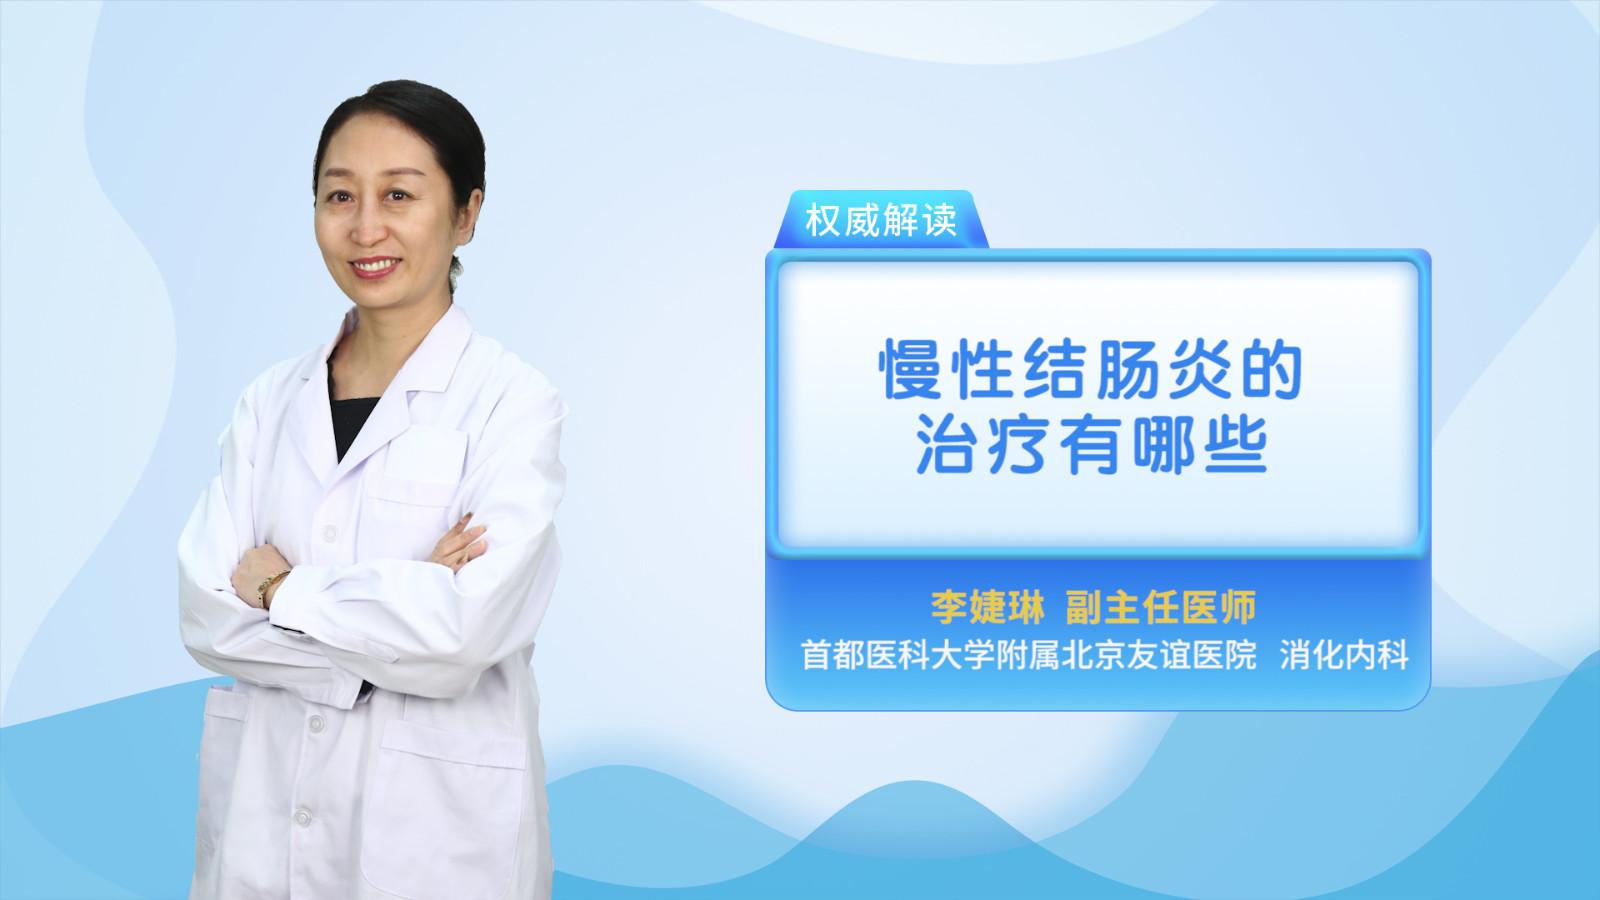 慢性结肠炎的治疗有哪些